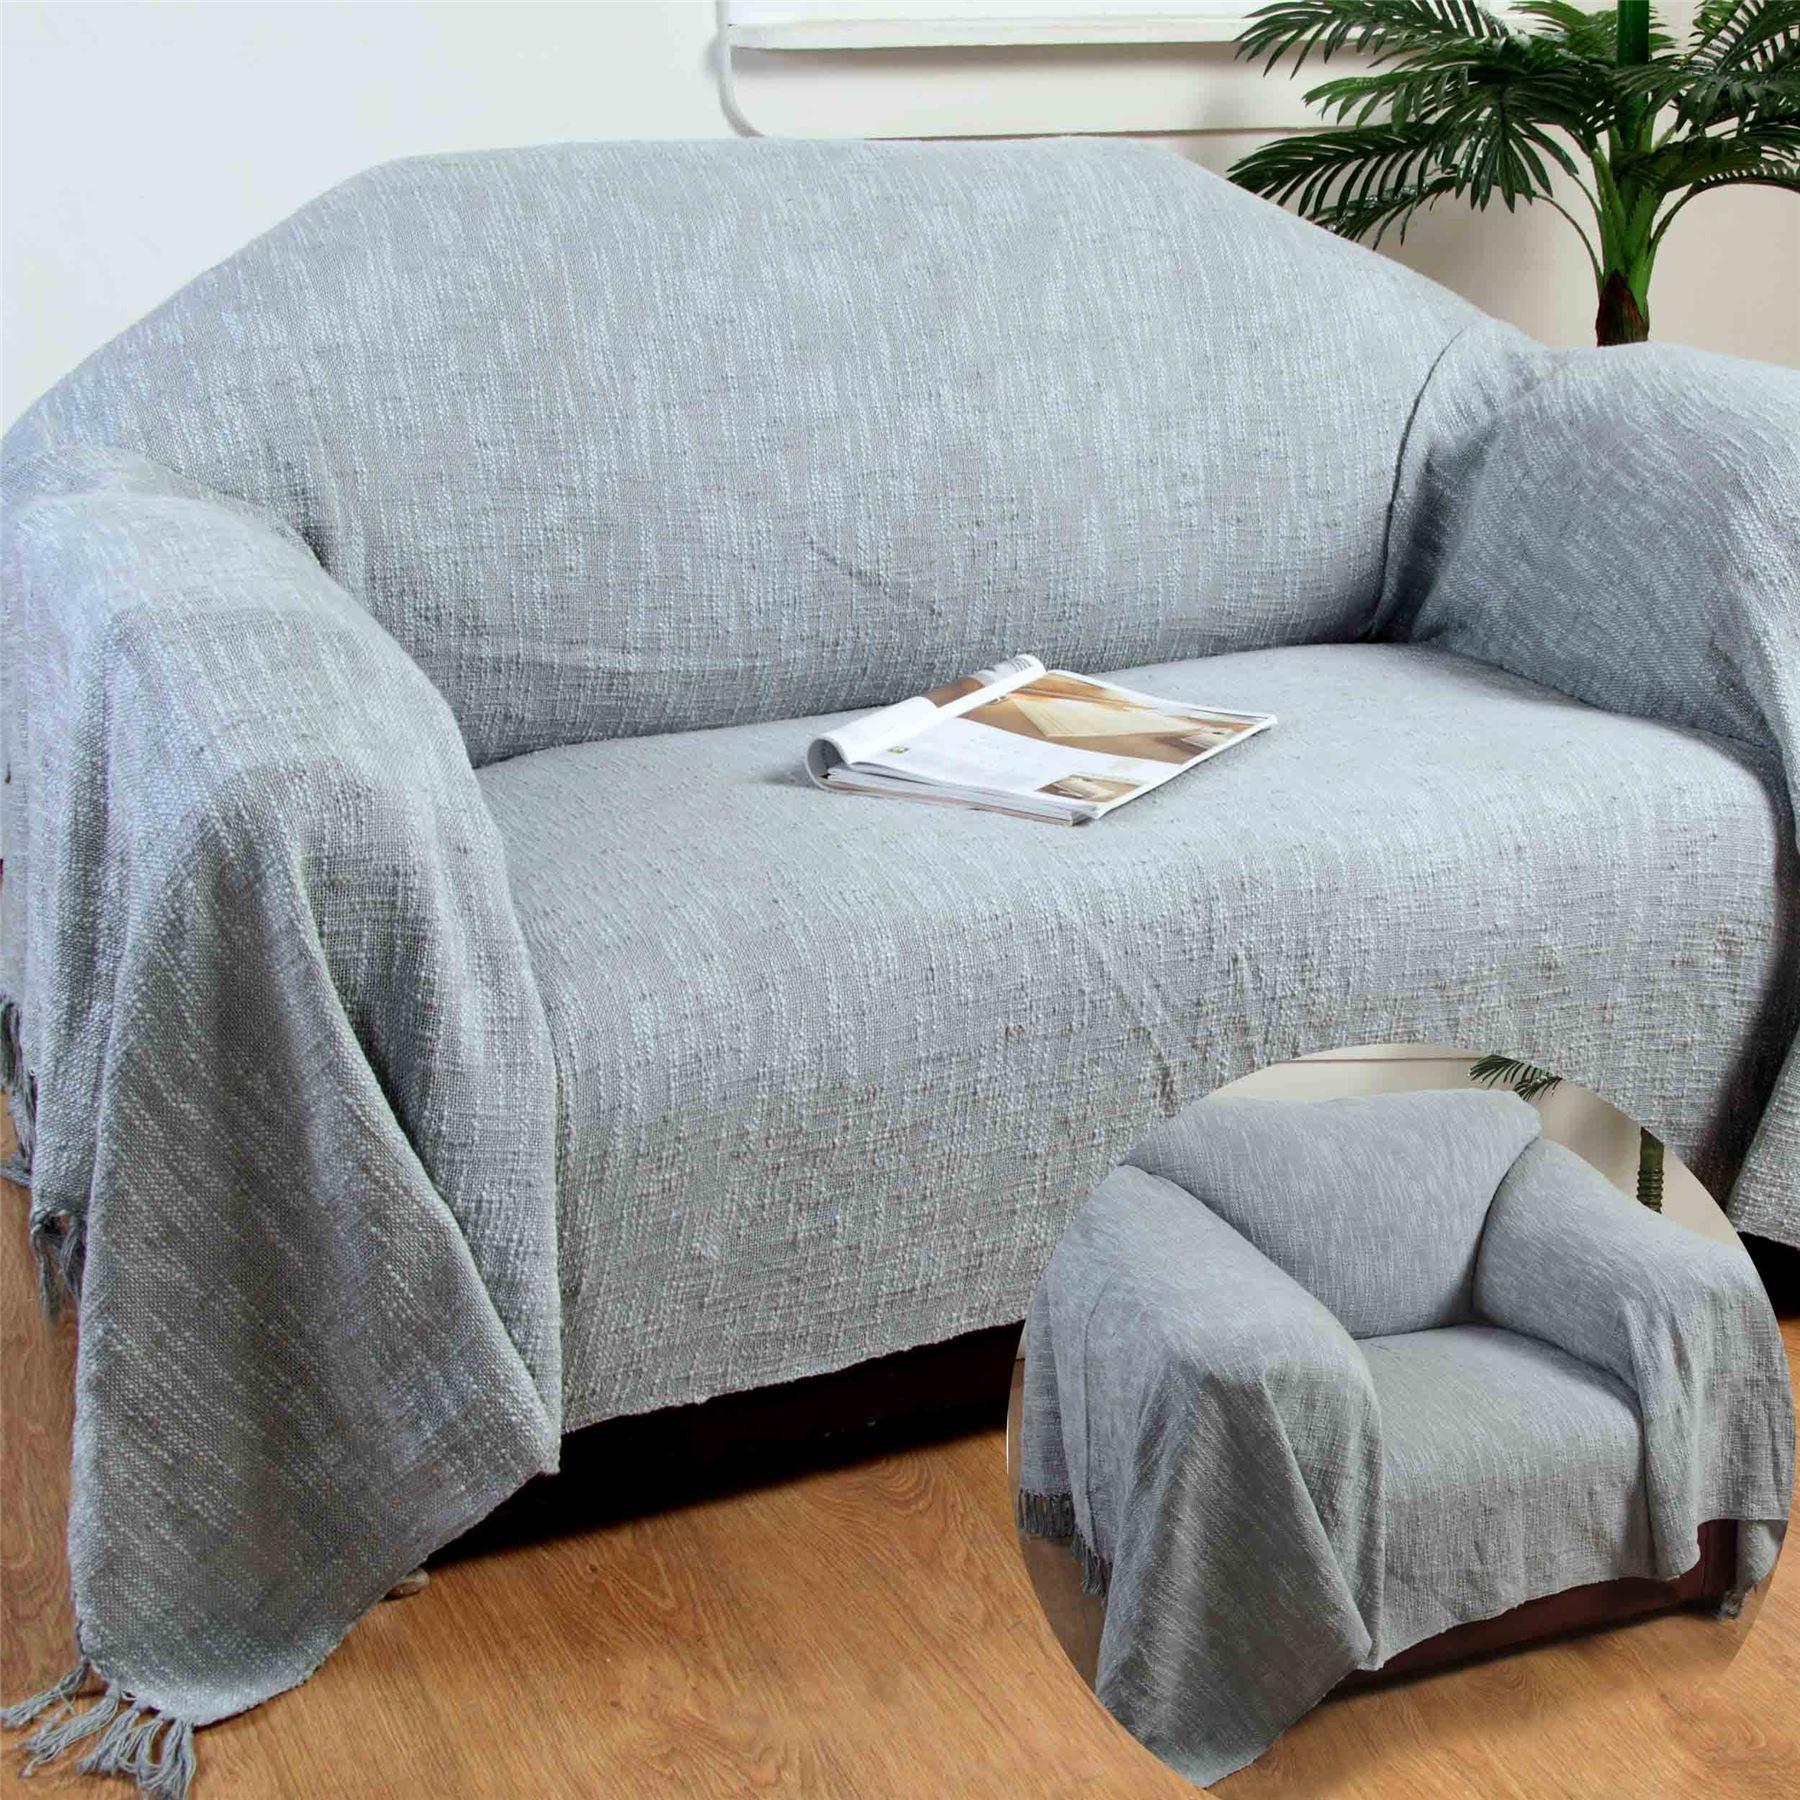 Grey Throw For Sofa TheSofa : 45dd4450 2db2 4a34 a082 576ac7b8b74d from thesofa.droogkast.com size 1800 x 1800 jpeg 585kB